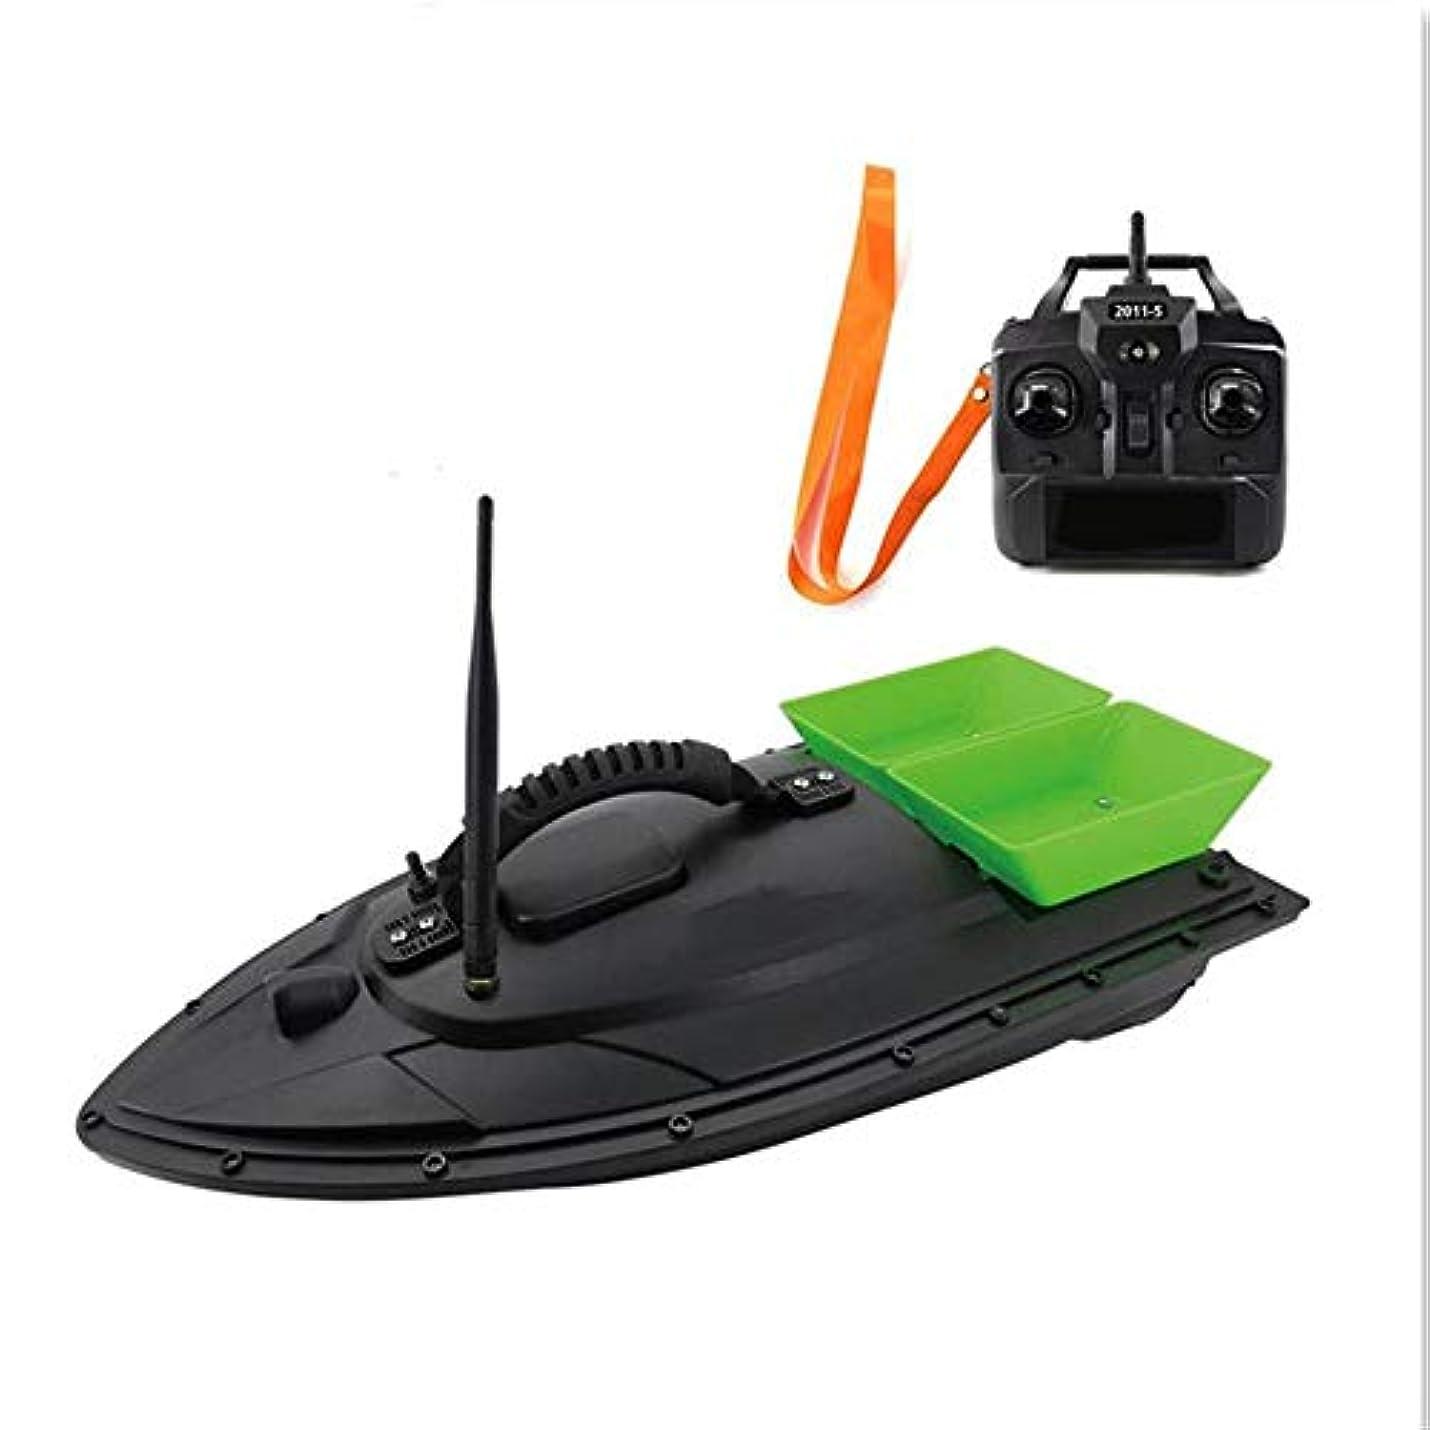 人工的な教えて凍結RCボートの魚群探知機、1.5 kgの読み込み500 mの釣り餌のボート、高速電気ワイヤレス鋳造ヨット、釣り道具アクセサリーツール